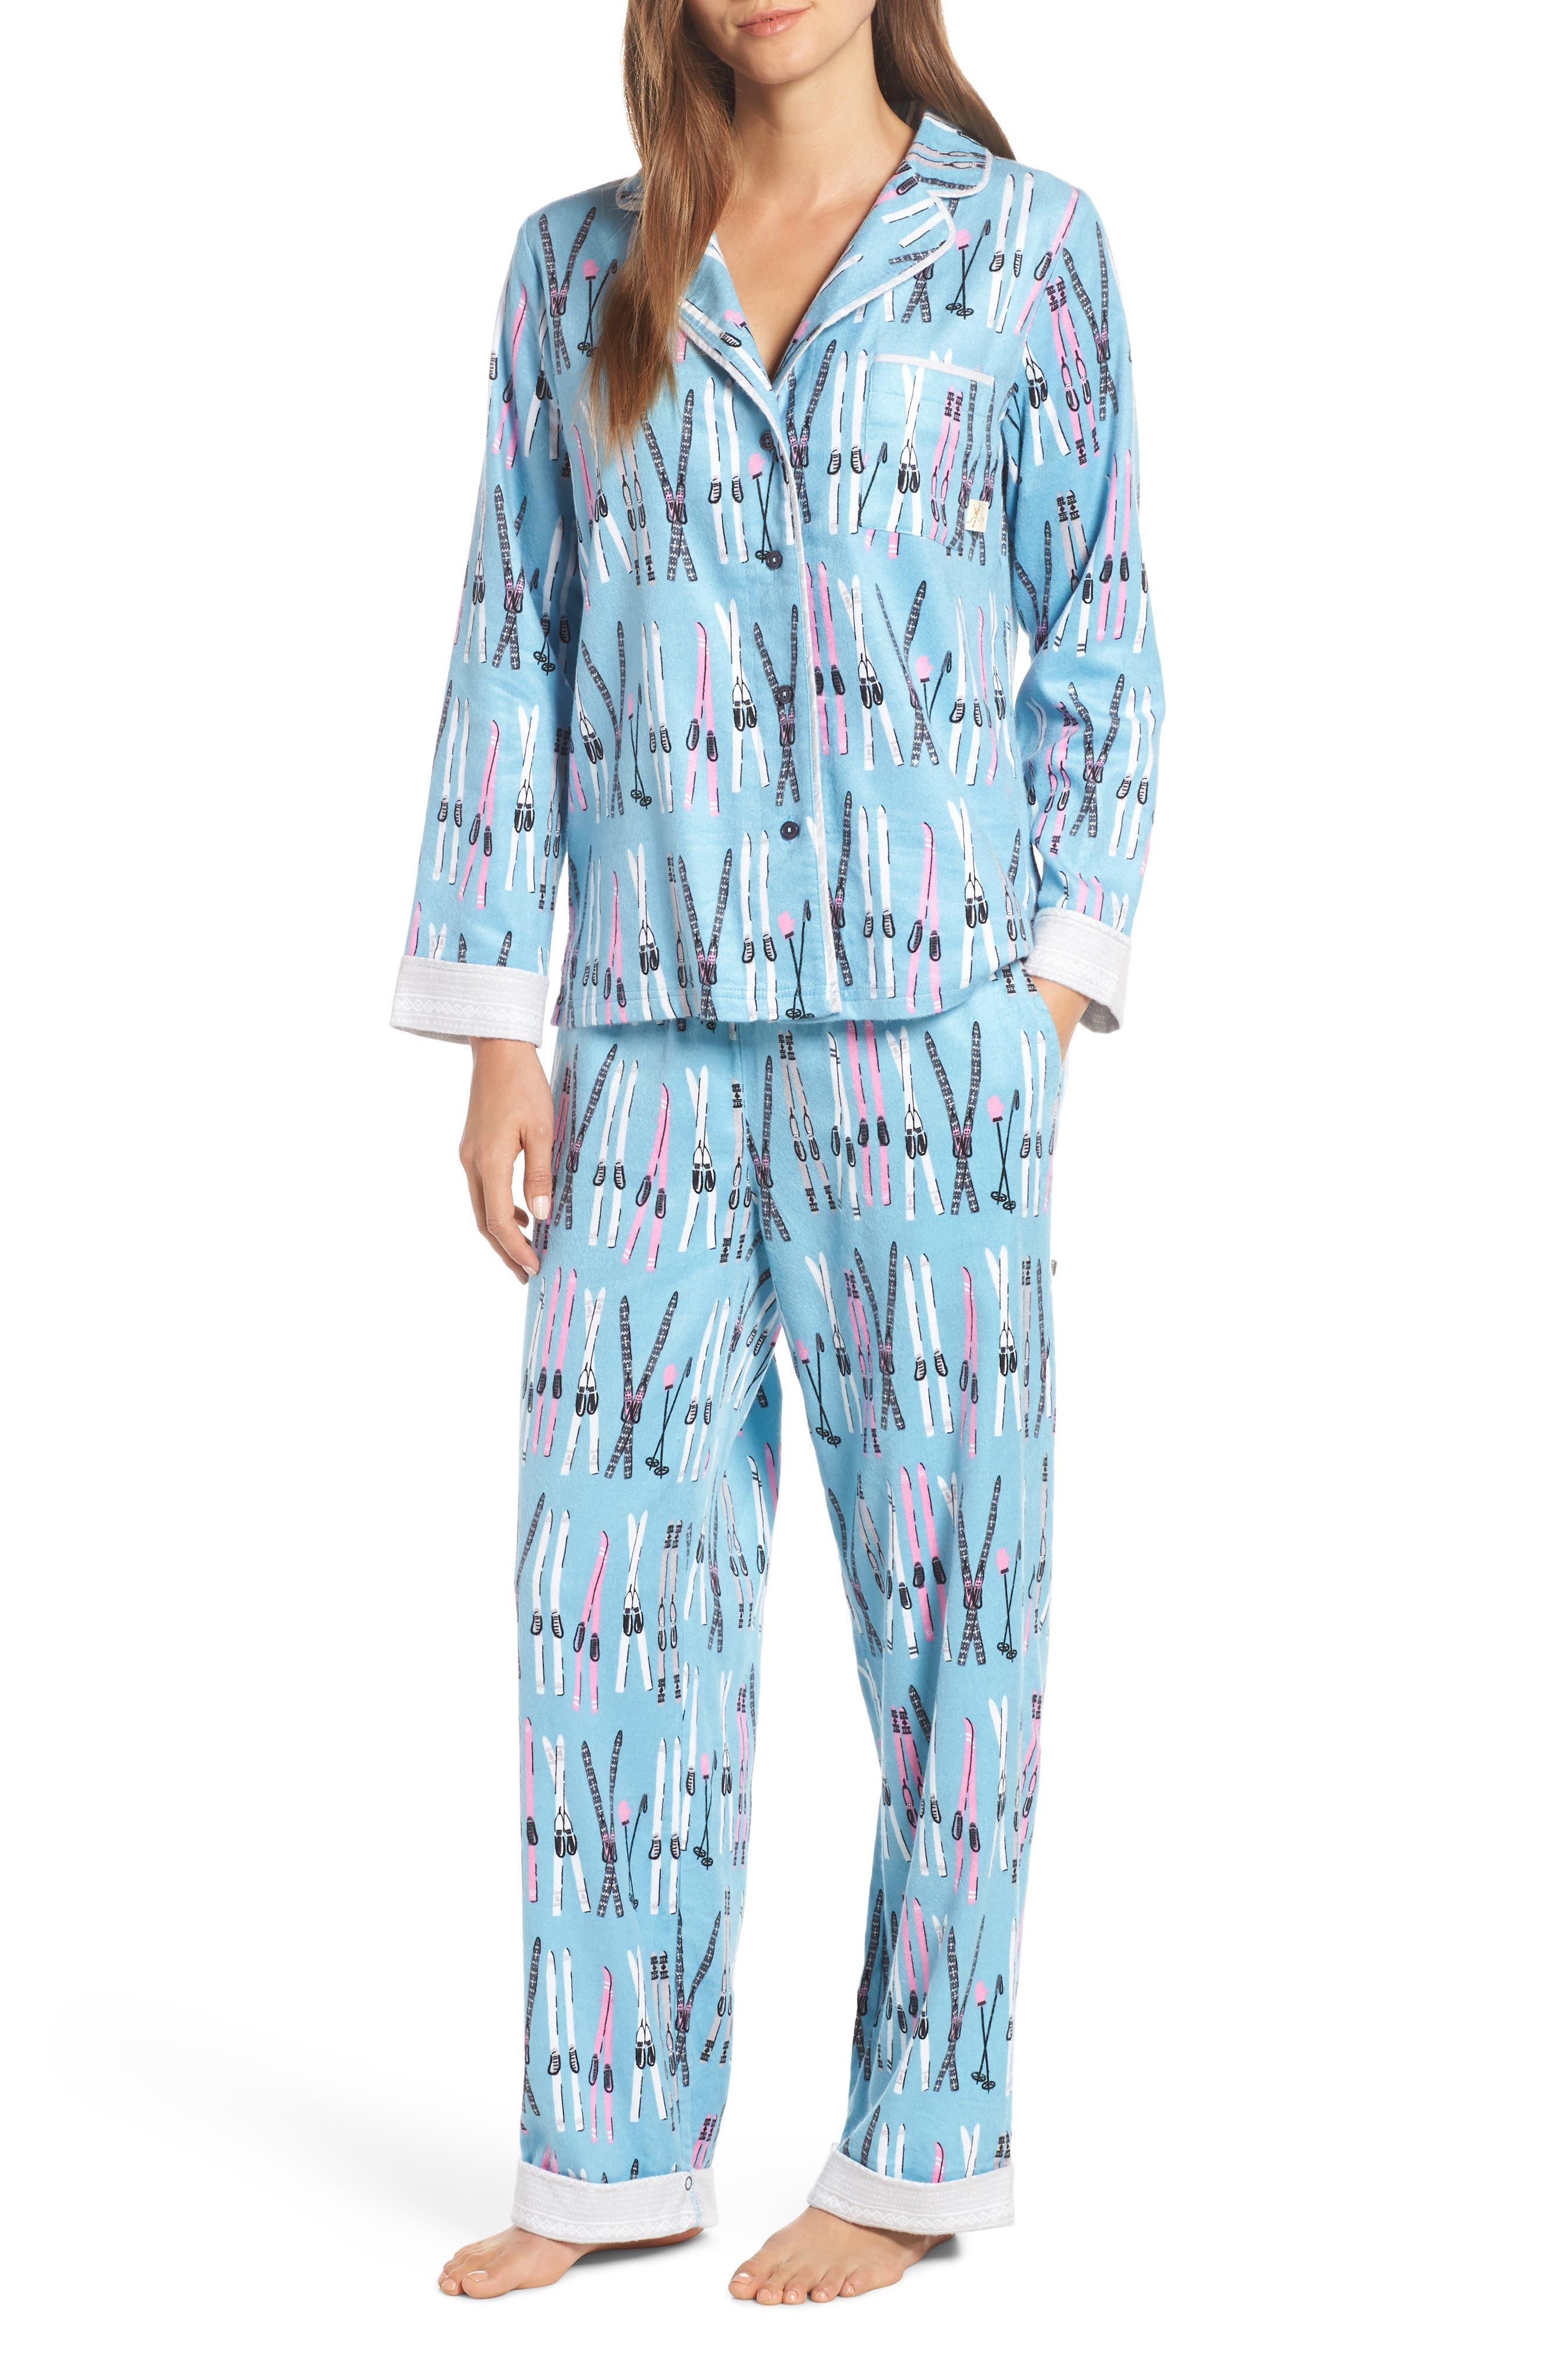 Munki Munki Flannel Pajamas, Blue/green